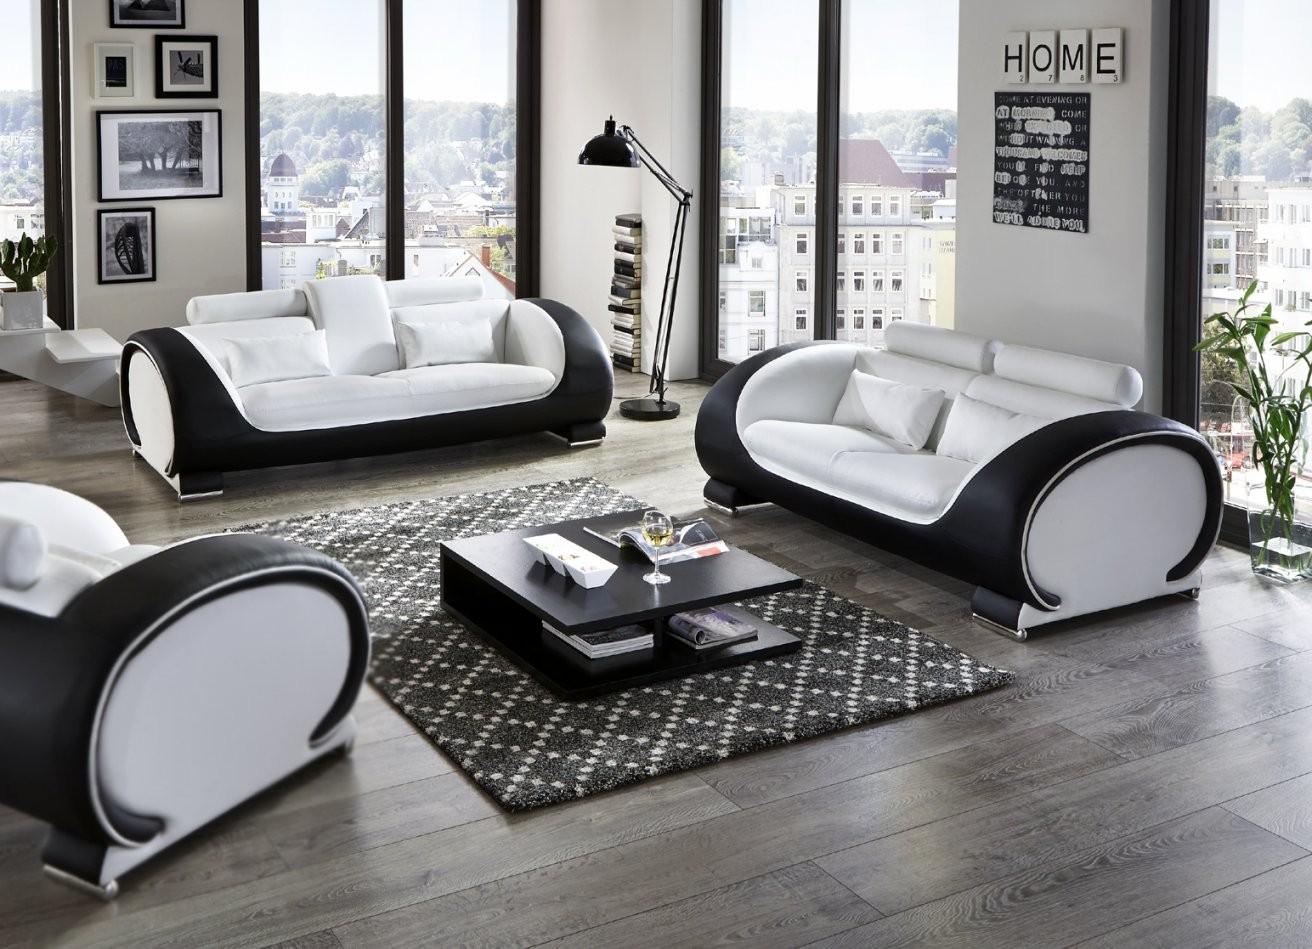 Top Ergebnis 10 Elegant Couchgarnitur 3 Sitzer Und 2 Sessel Grafiken von 3 Sitzer Sofa Und 2 Sessel Photo